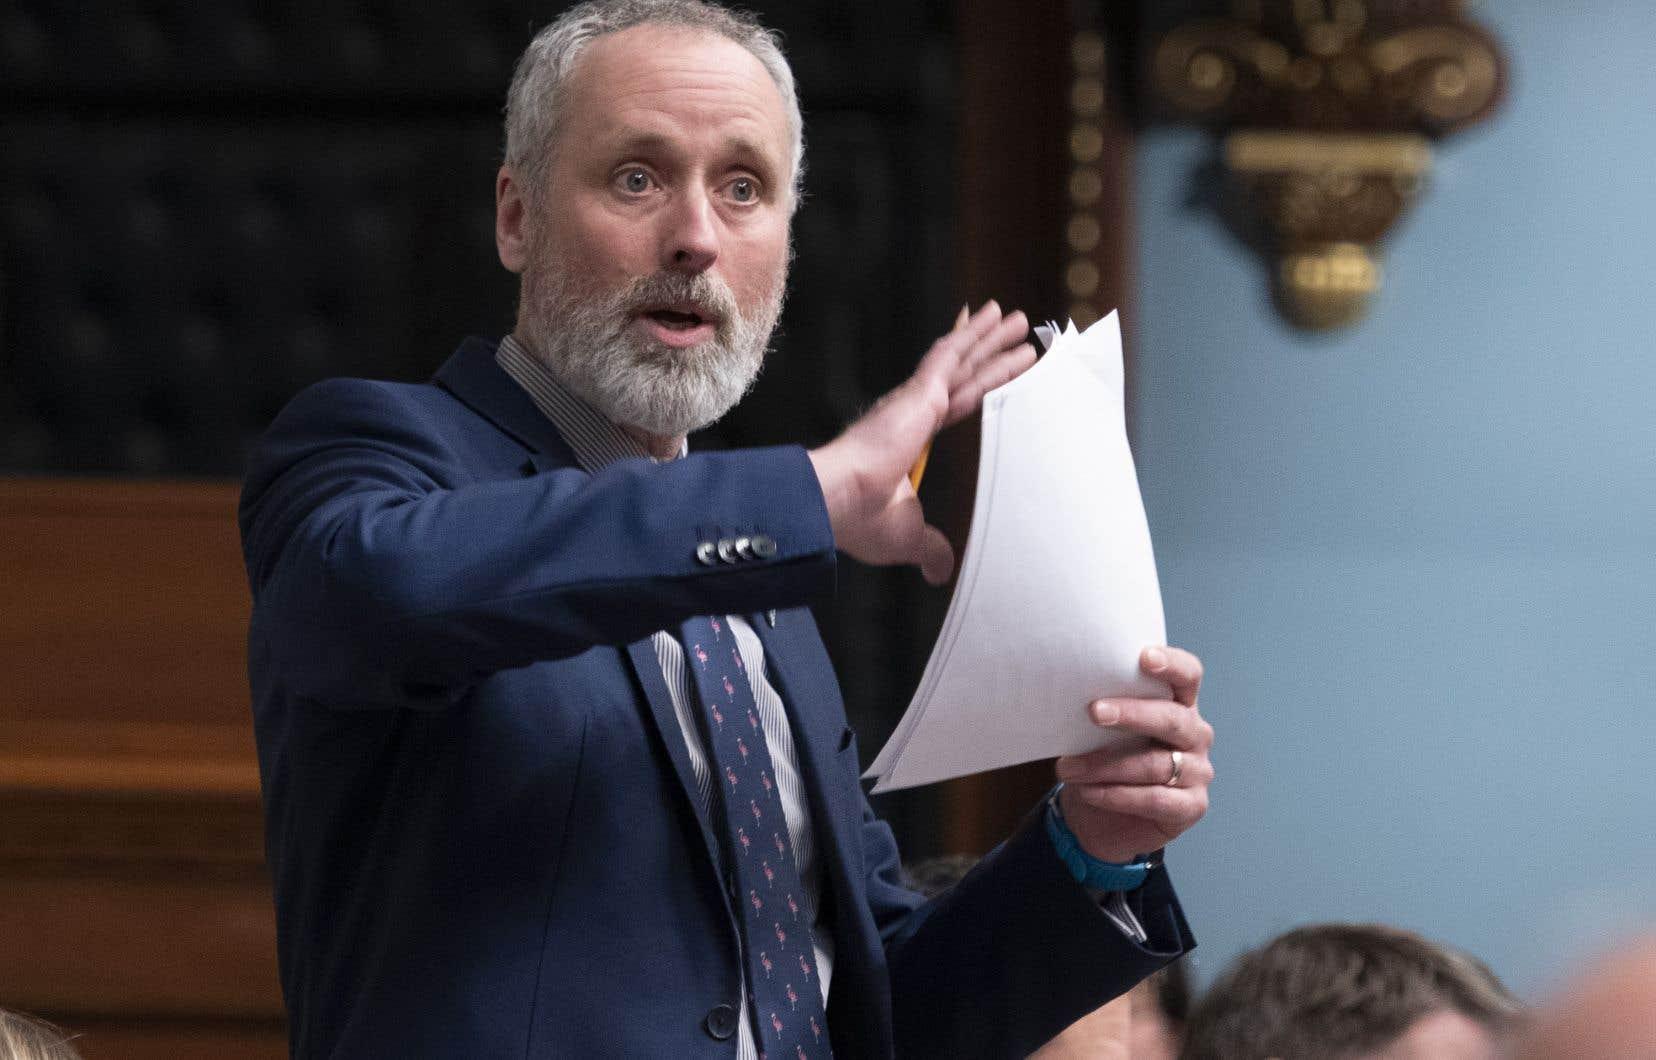 L'élu solidaire Vincent Marissal reproche au «numéro deux» du gouvernement caquiste de «joue[r] avec des allumettes dans la poudrière des renseignements personnels».